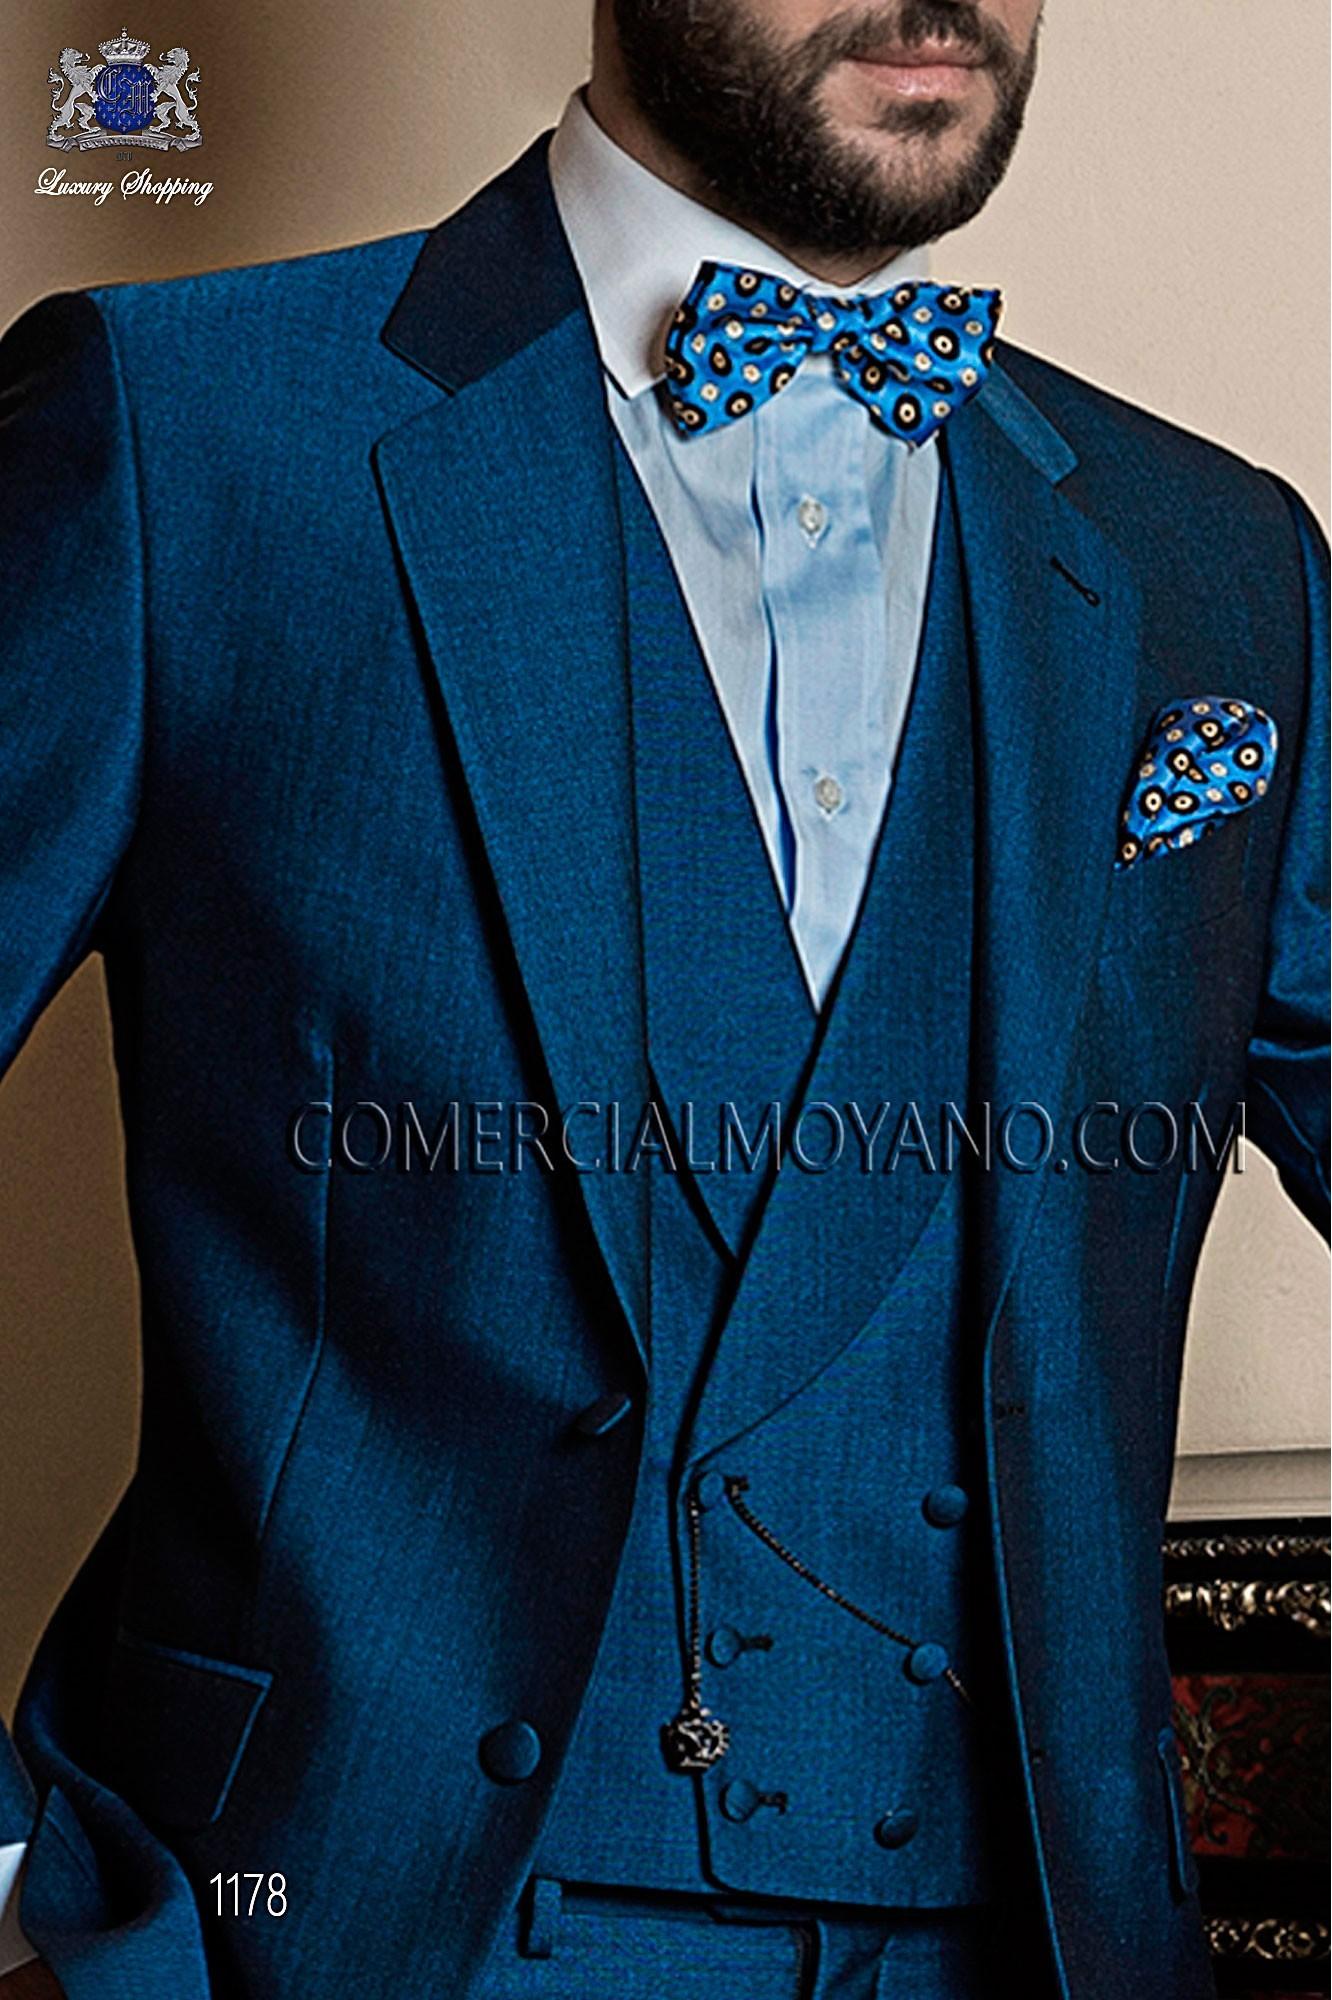 Traje Gentleman de novio azul modelo: 1178 Ottavio Nuccio Gala colección Gentleman